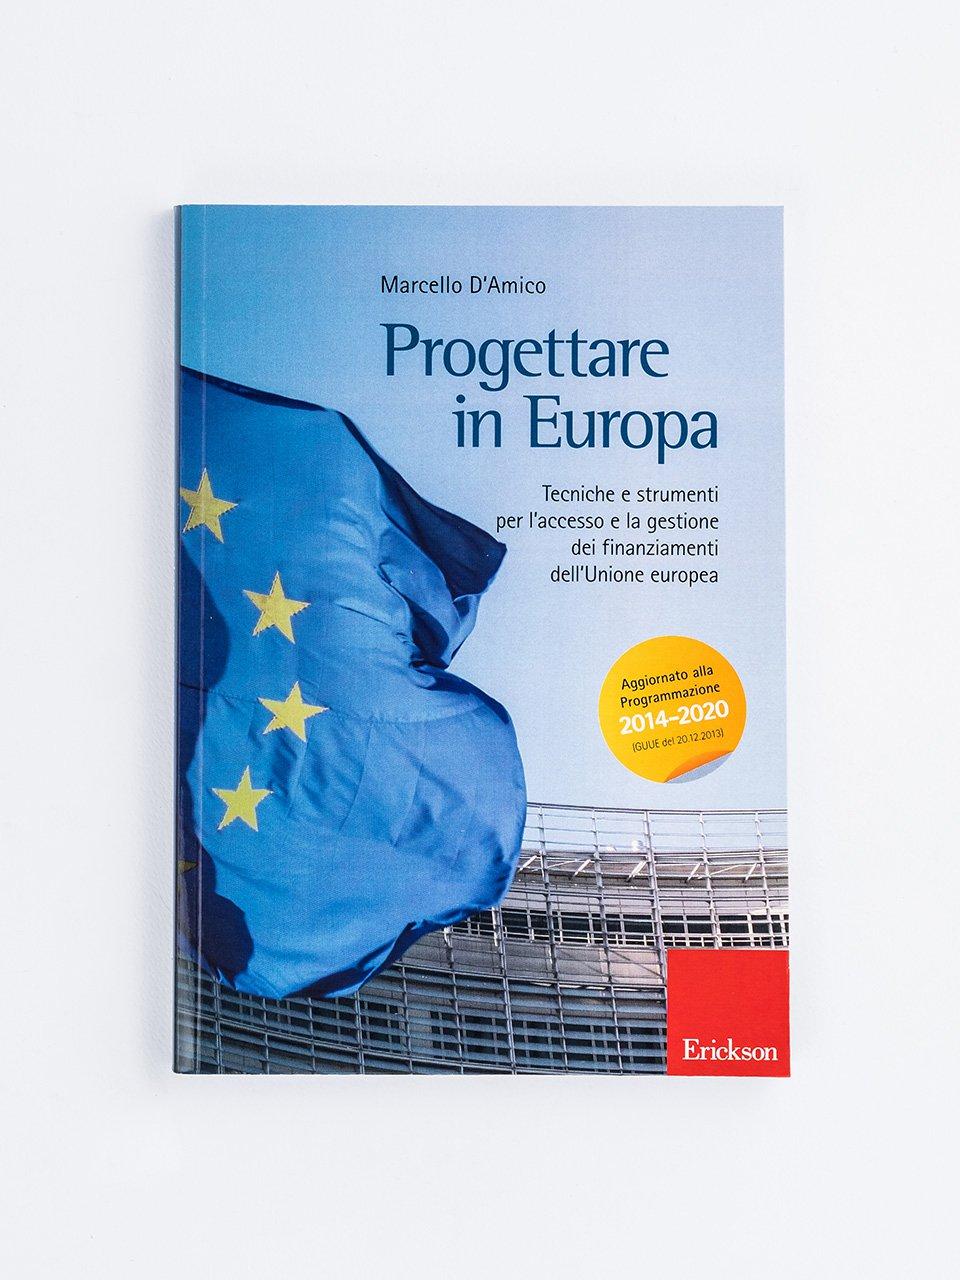 Progettare in Europa - Libri - Erickson